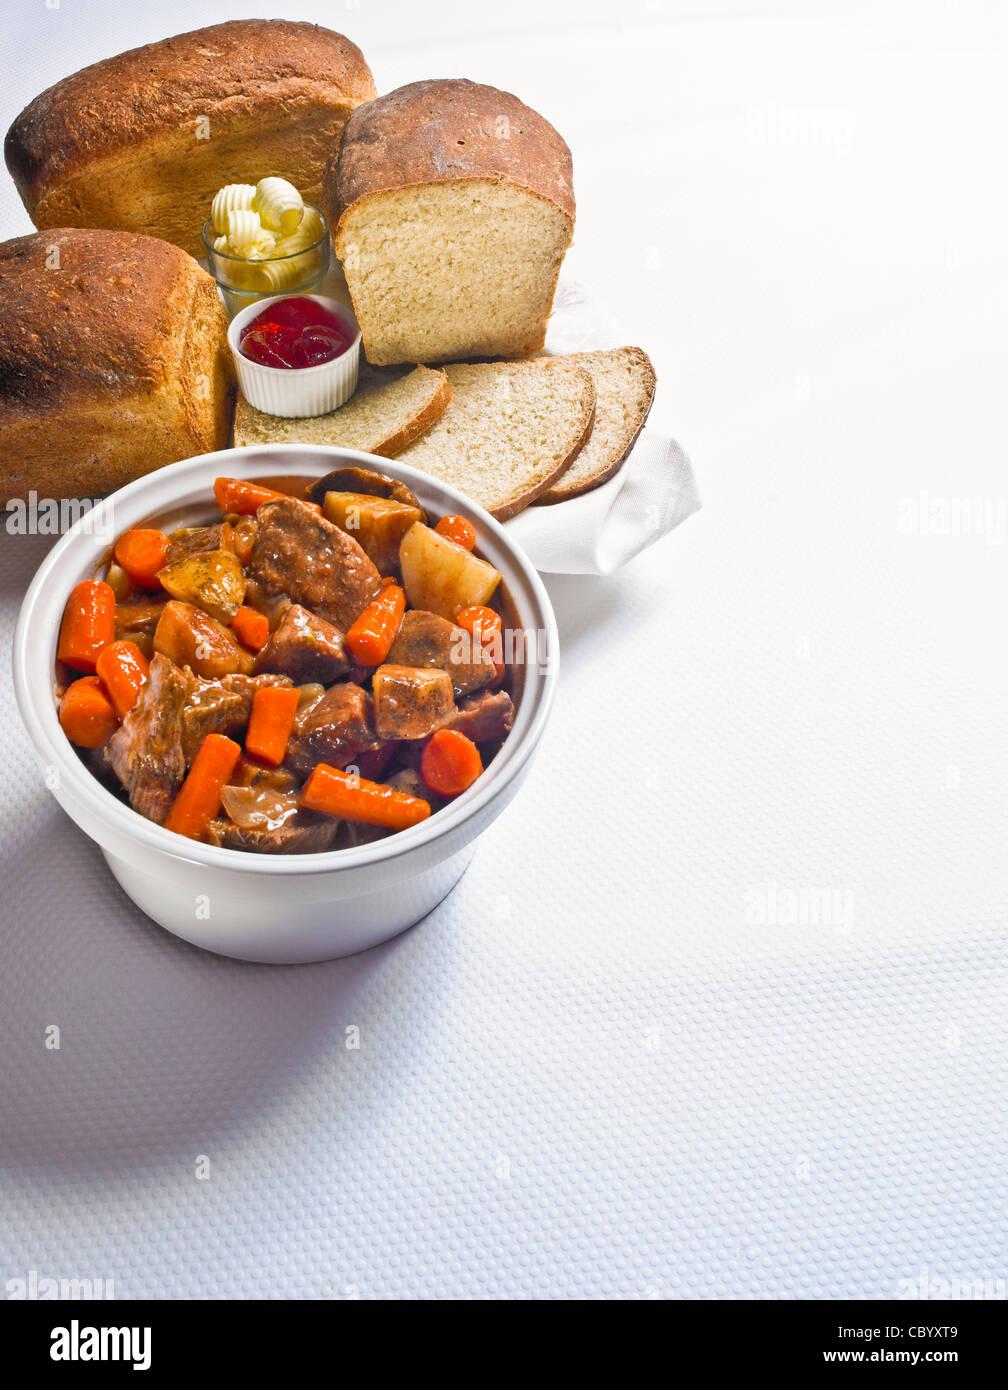 Erfreut Landküche Ideen Ideen - Ideen Für Die Küche Dekoration ...